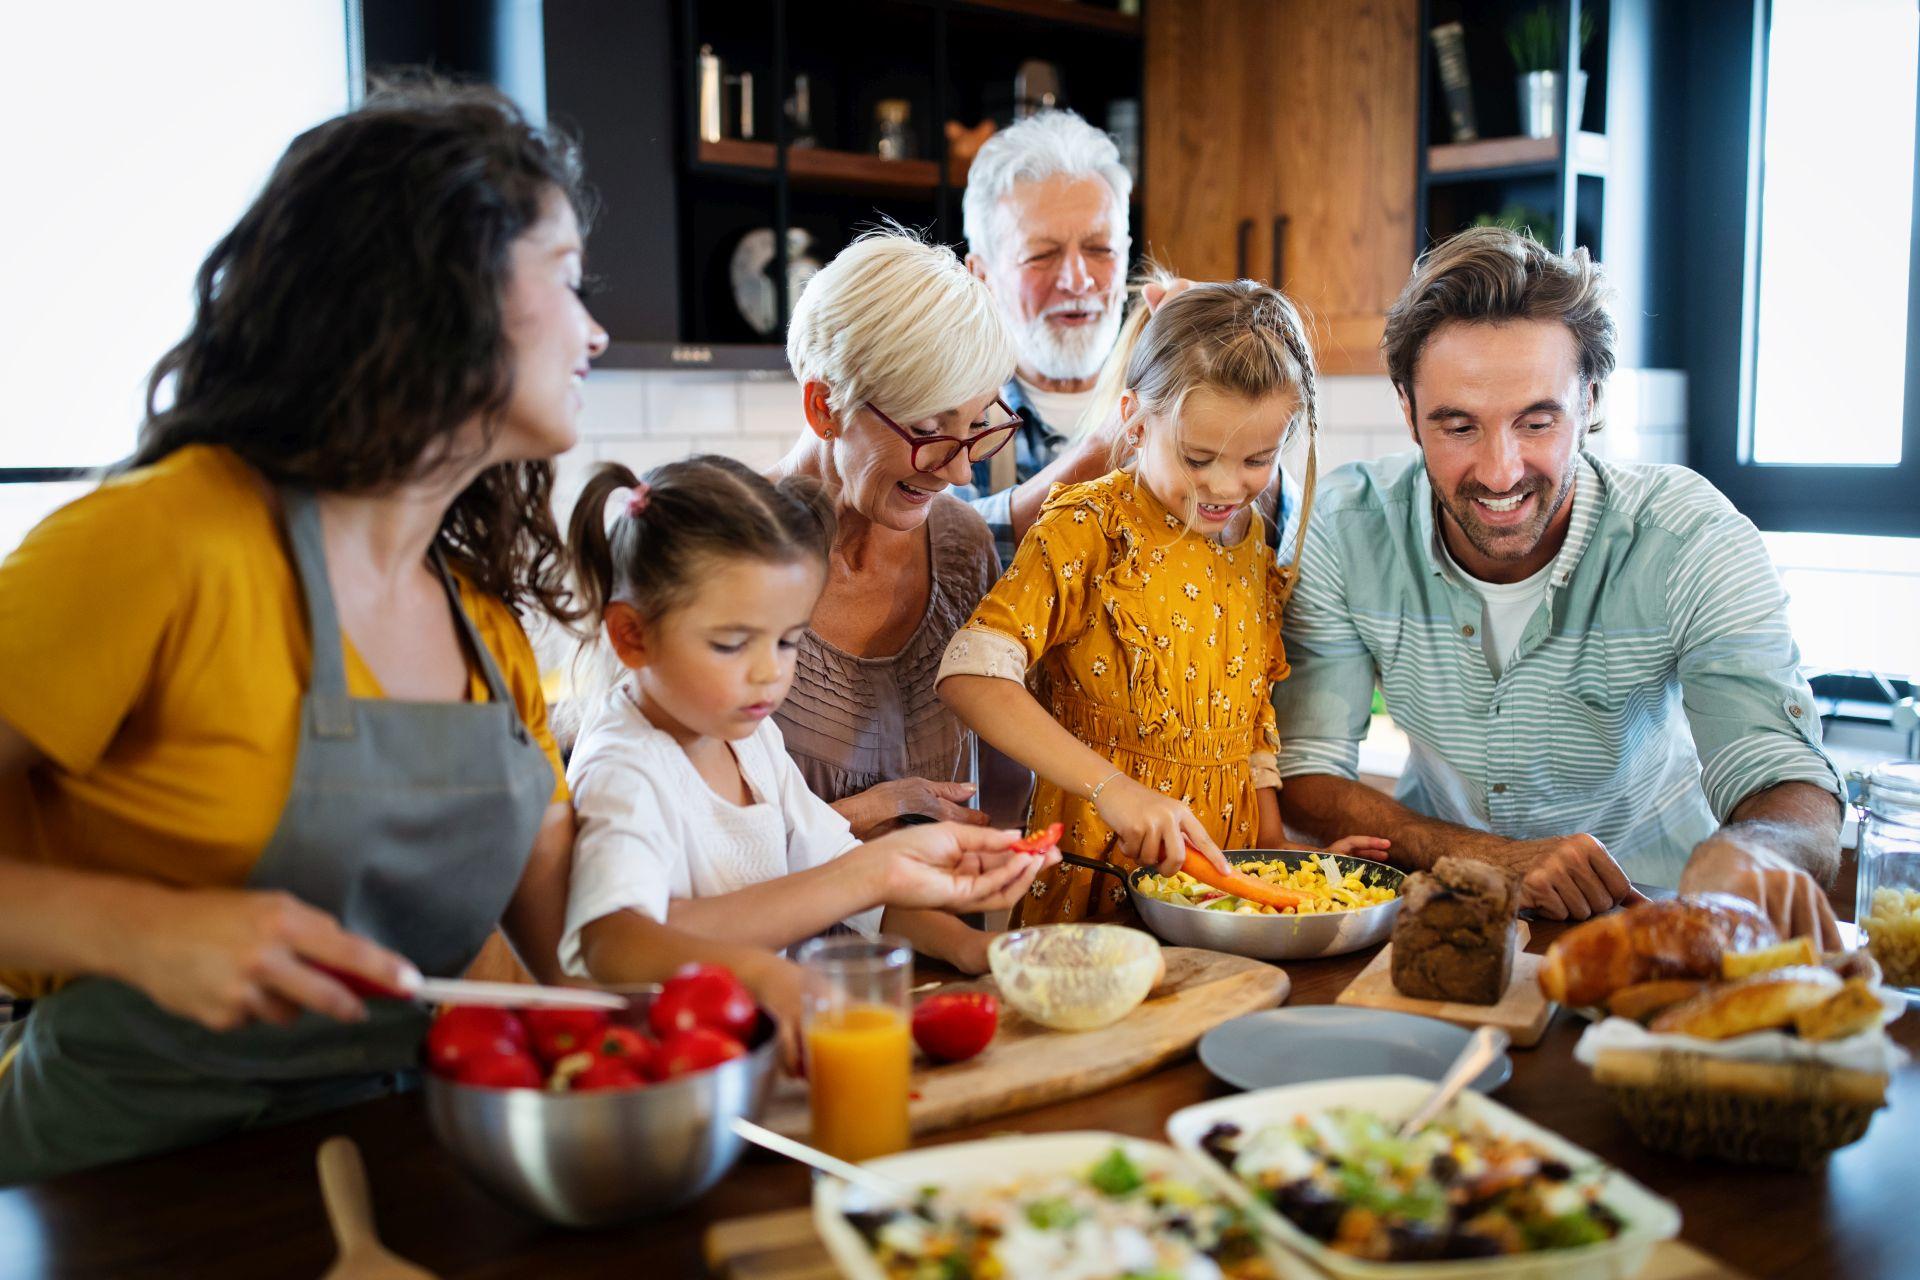 Jak wspierać bliskich chorujących na serce? Dieta oparta na zbilansowanych składnikach wspierających obniżanie cholesterolu lub wzmacniające pracę serca oraz wspólna aktywność fizyczna mogą być rozwiązaniem.